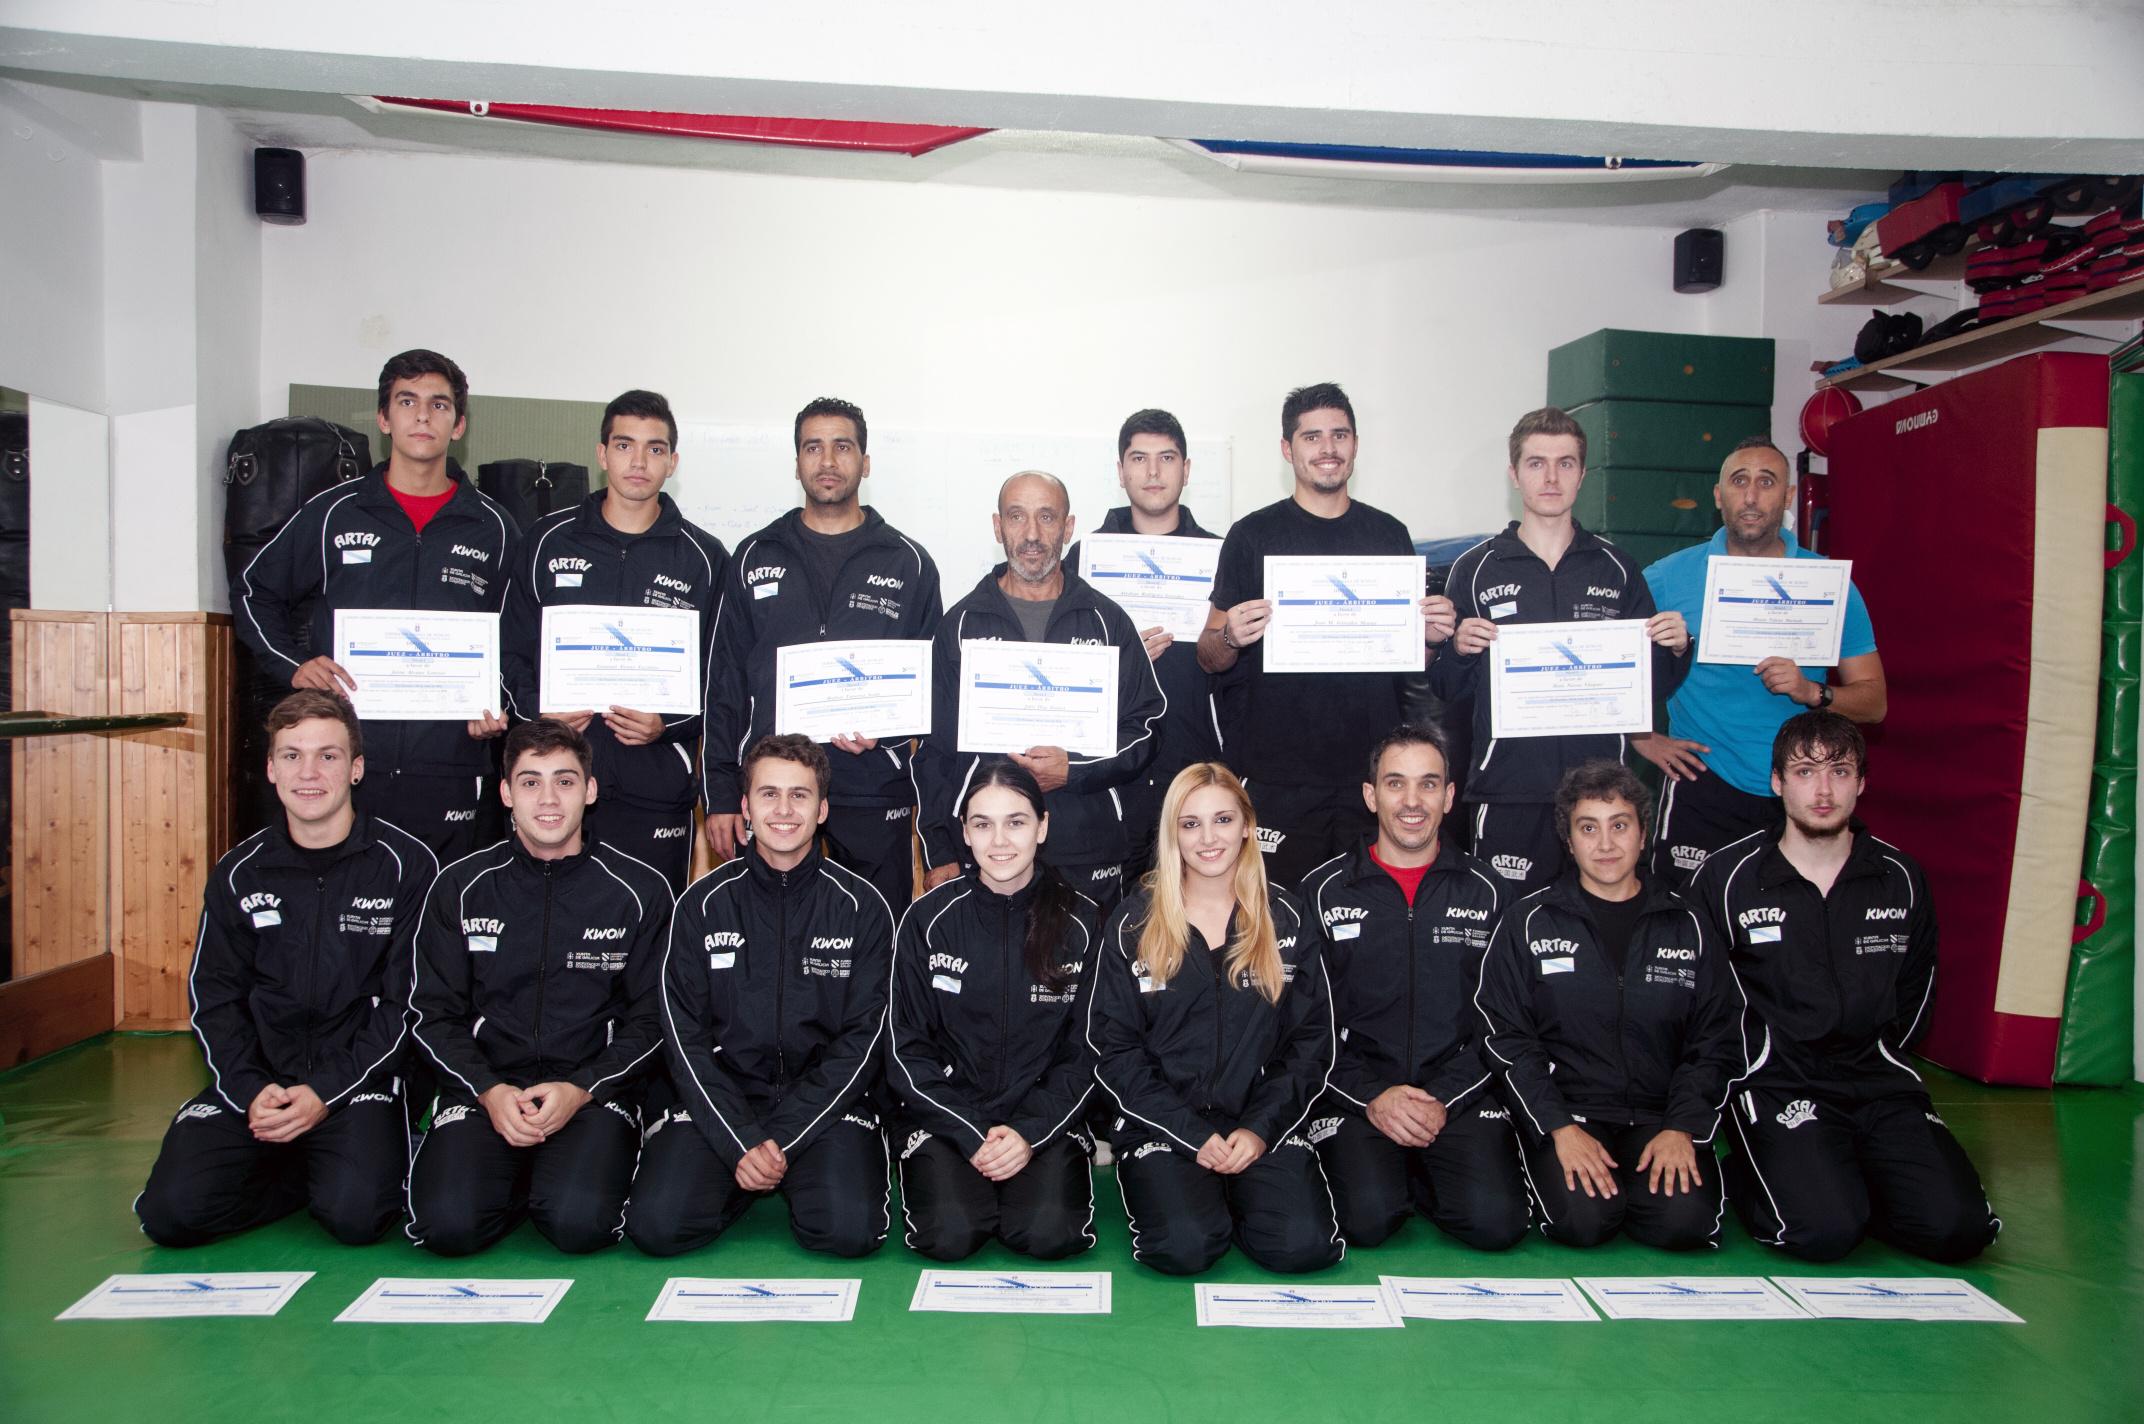 Entrega Diplomas Arbitros 12/09/14